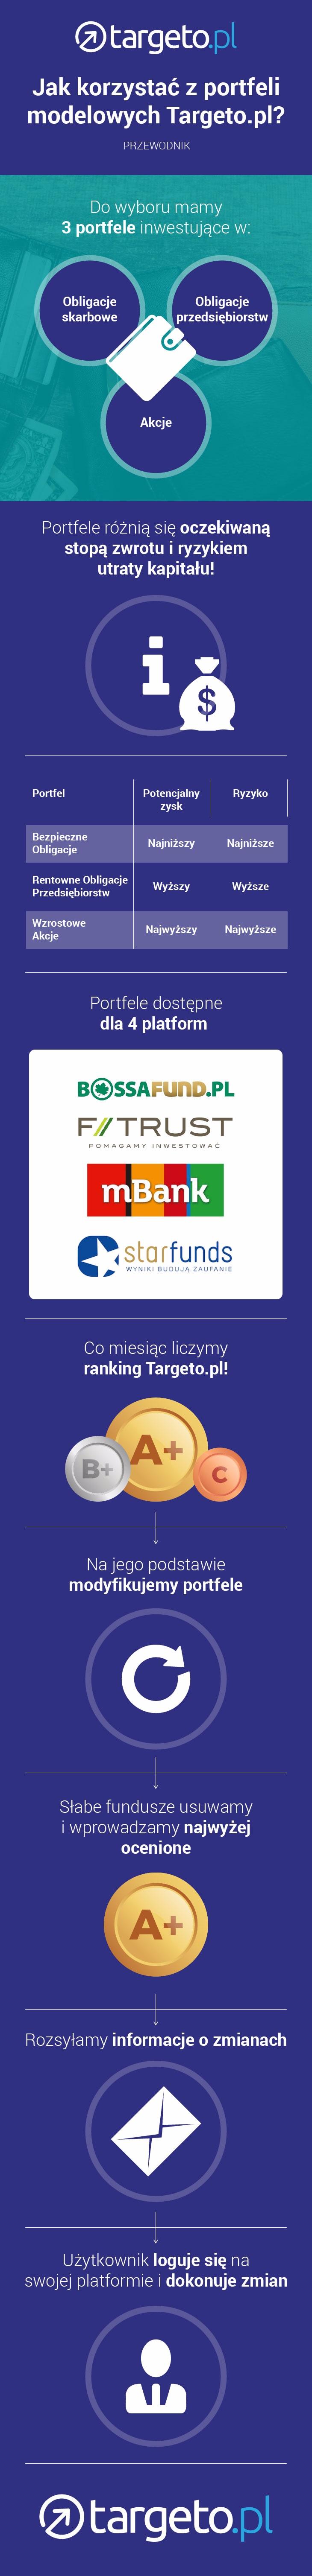 Jak korzystać z portfeli modelowych Targeto.pl ?